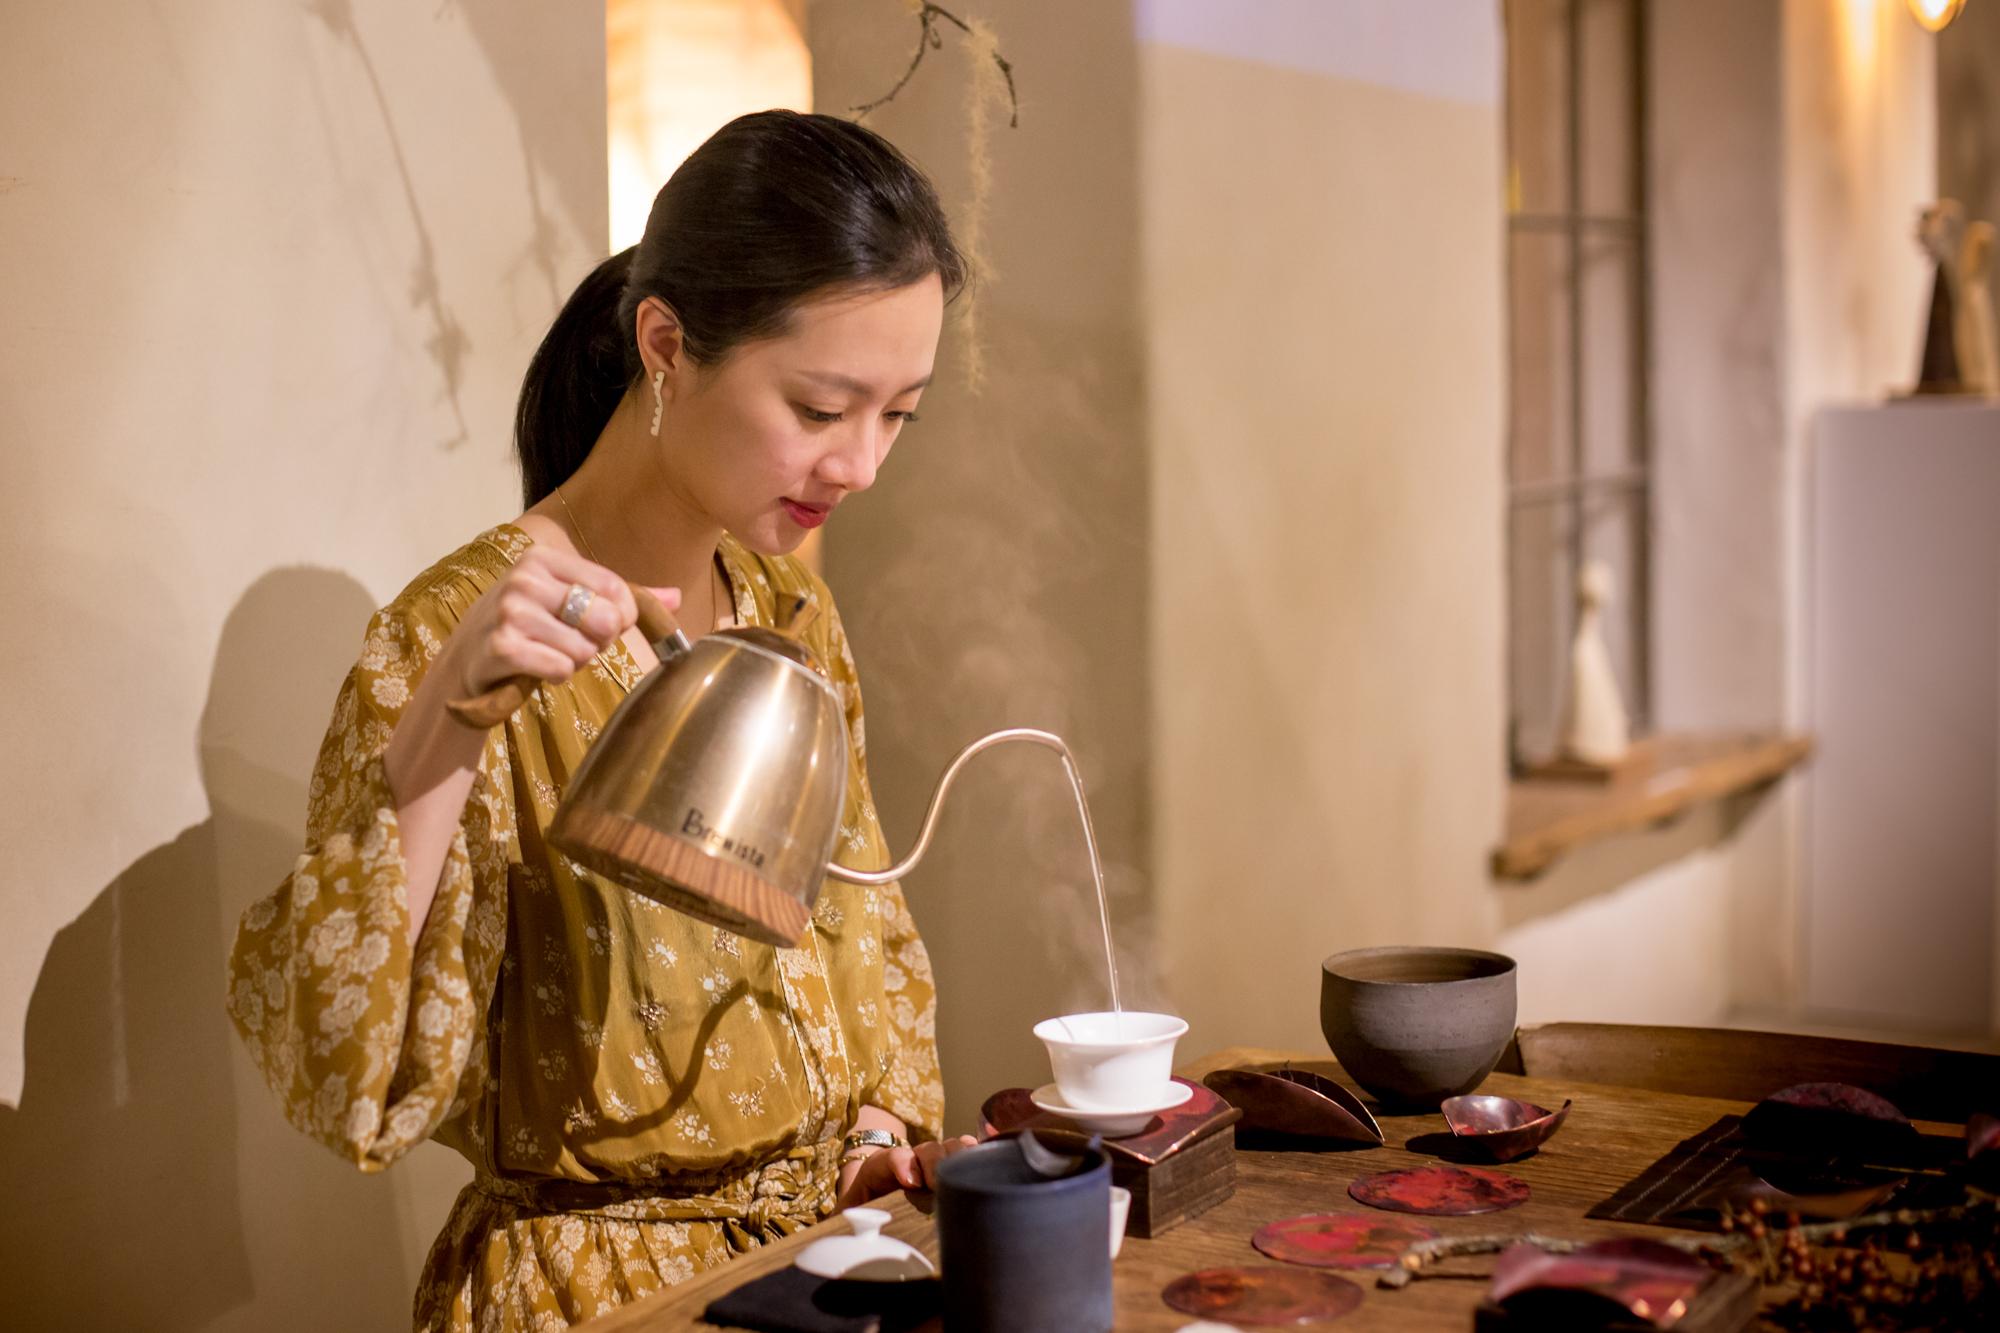 時尚與古典交融,以金工入茶,揉合生活的色香味